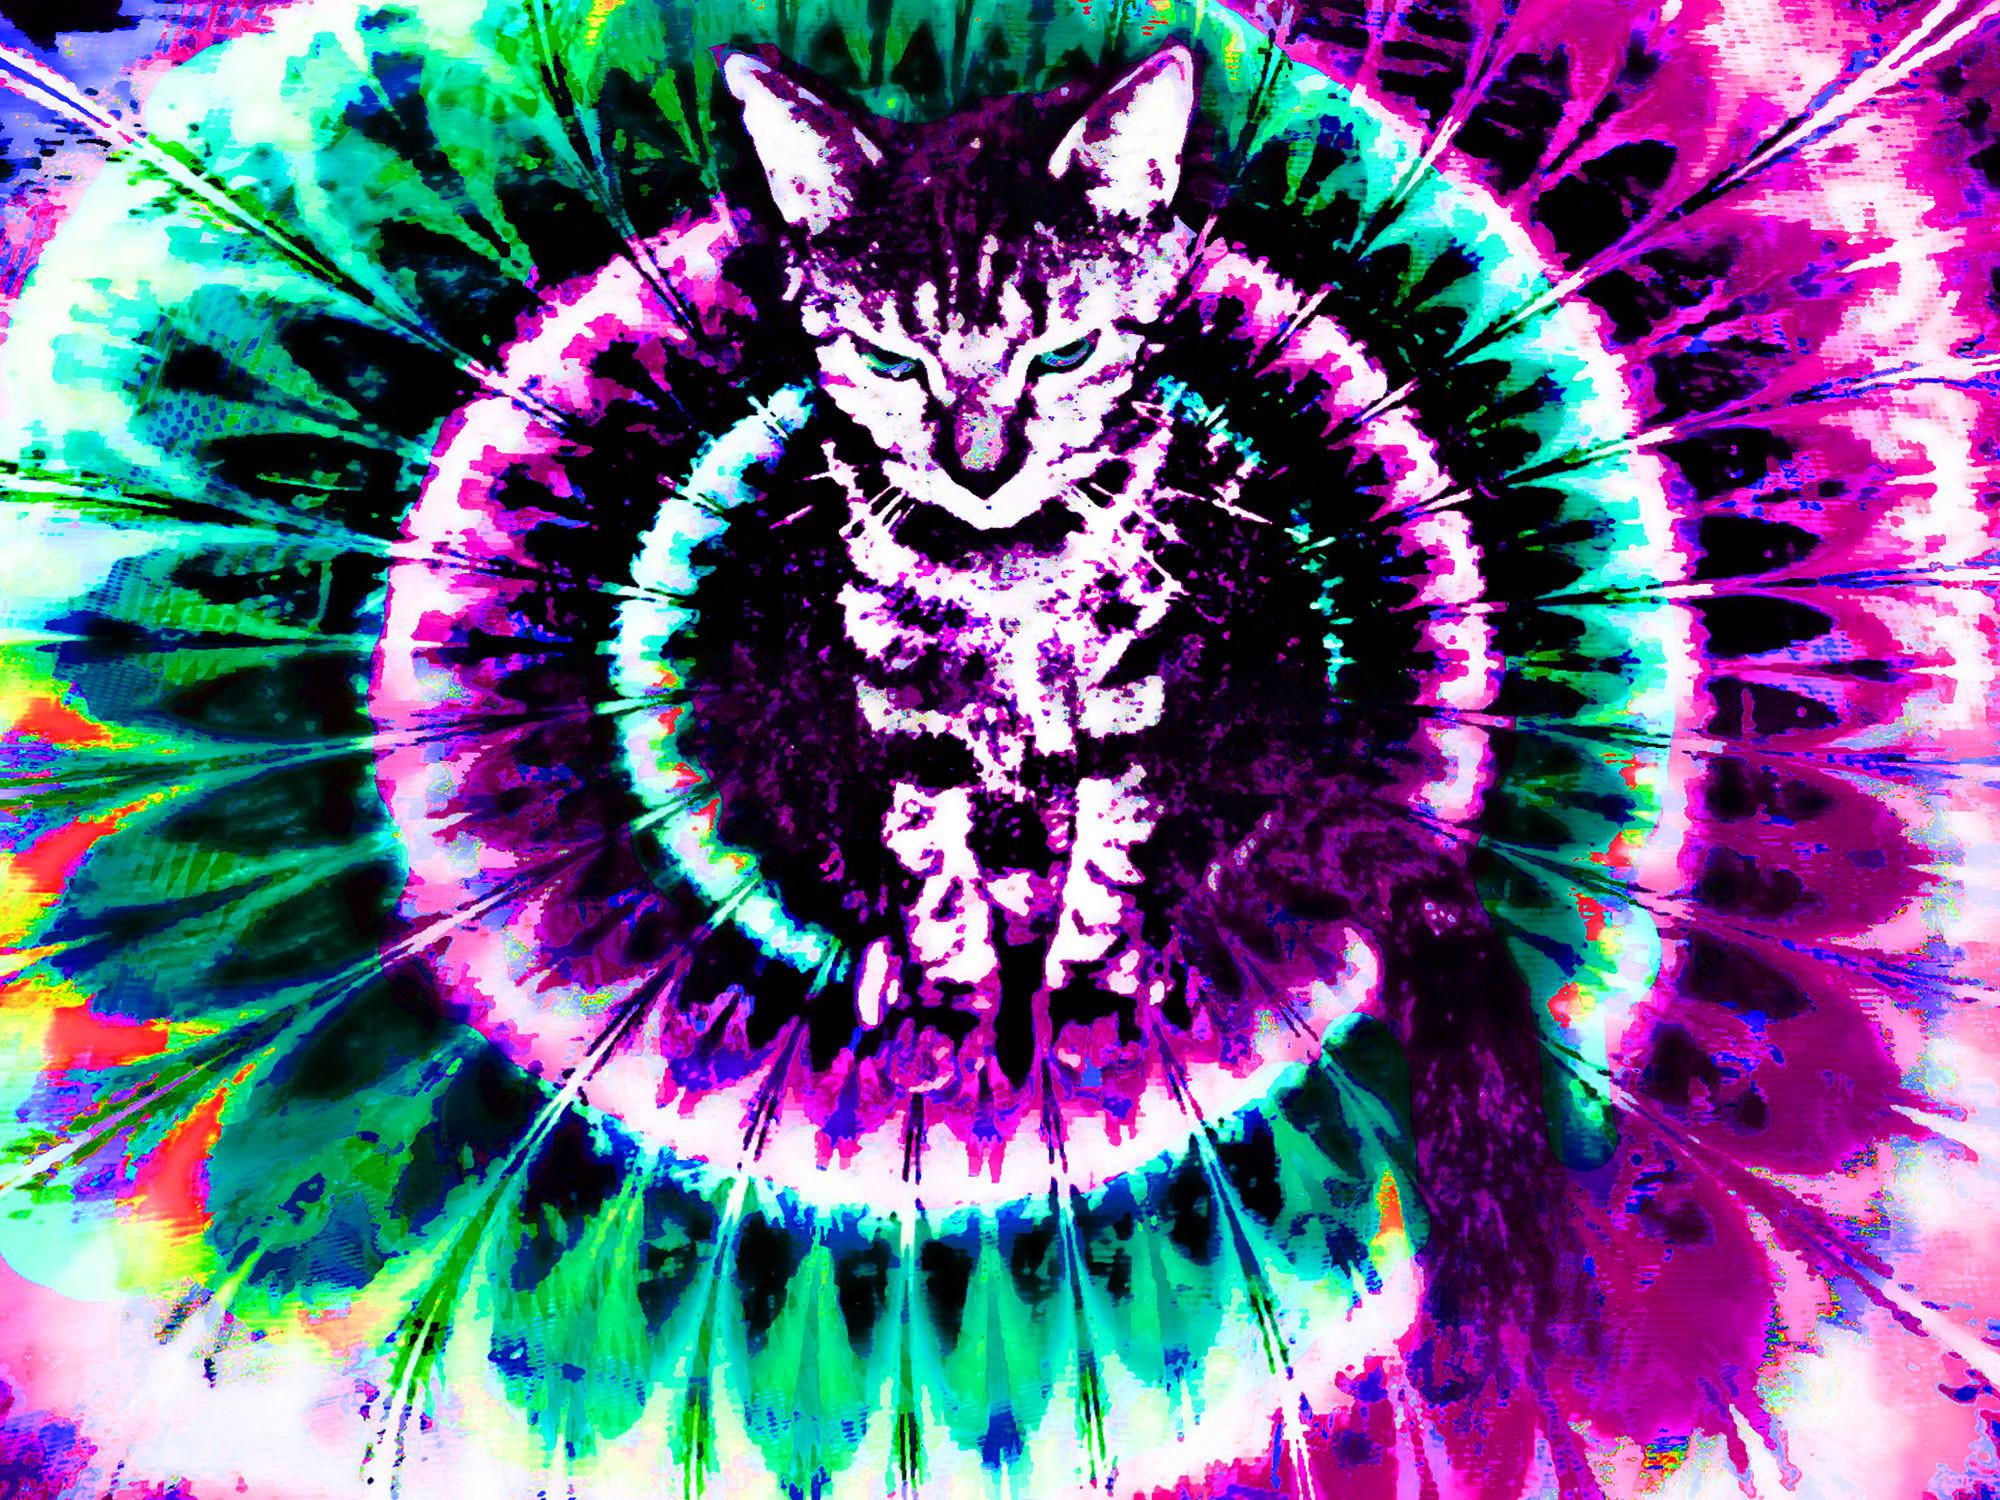 Trippy Wallpaper – www.wallpapers-in-hd.com